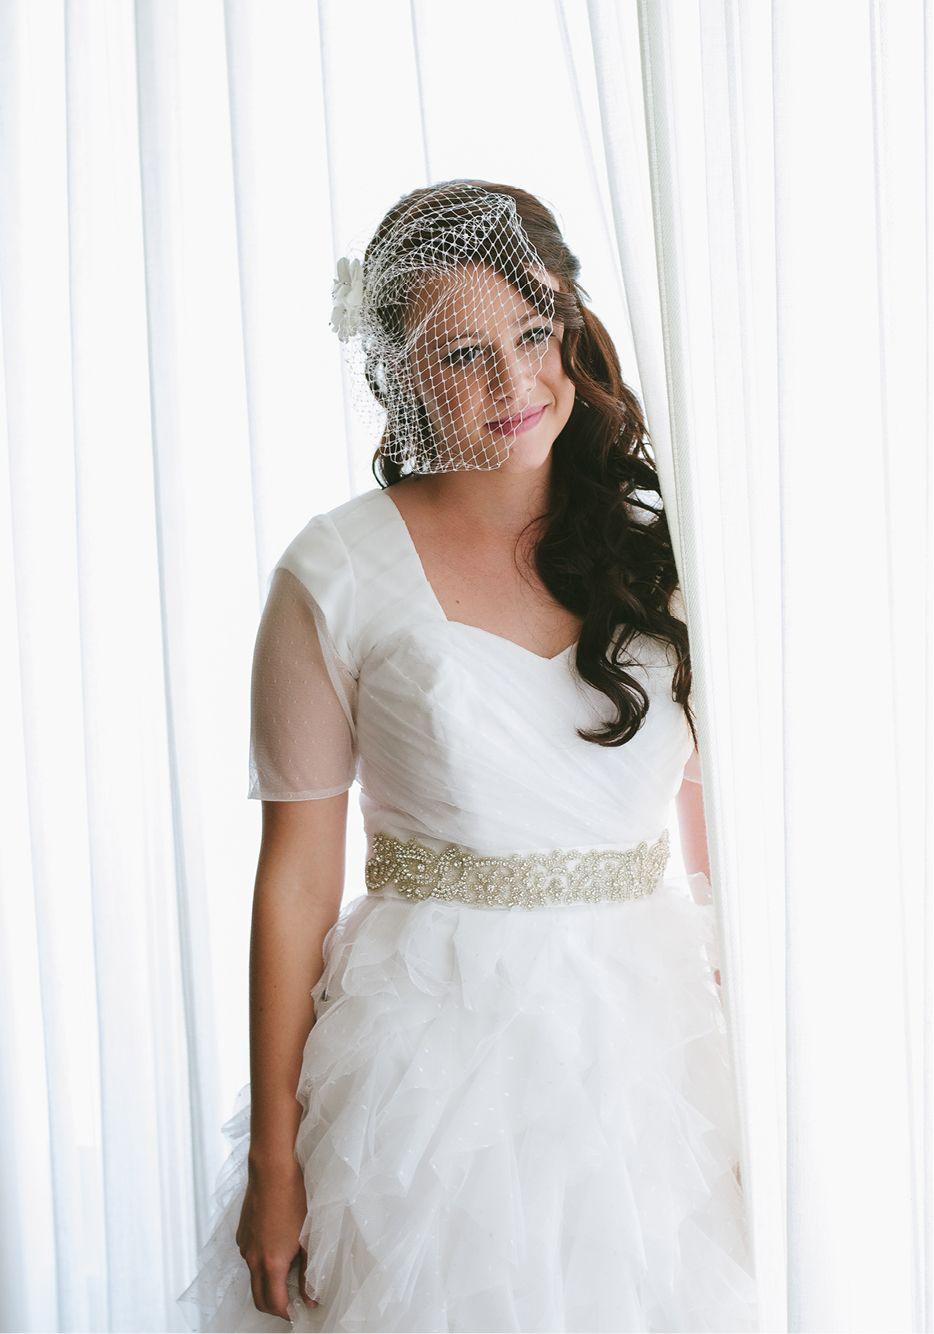 Short wedding veil u beautiful lighting jenna bechtholt photos